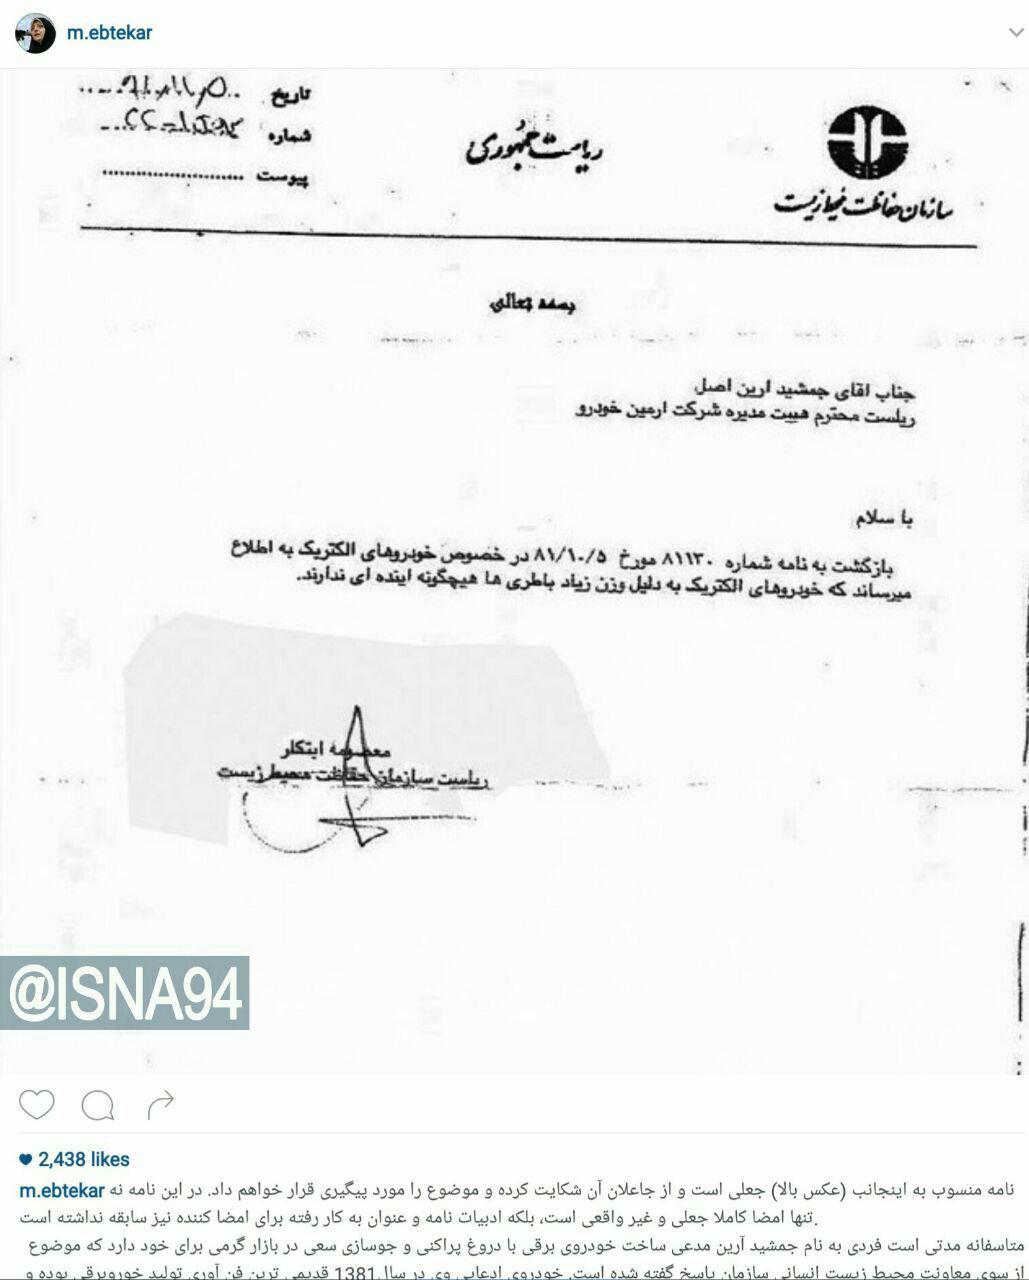 نامه جواب ابتکار به یک مخترع، جعلی است/ پخش نامه جعلی از صداوسیما+تصویر